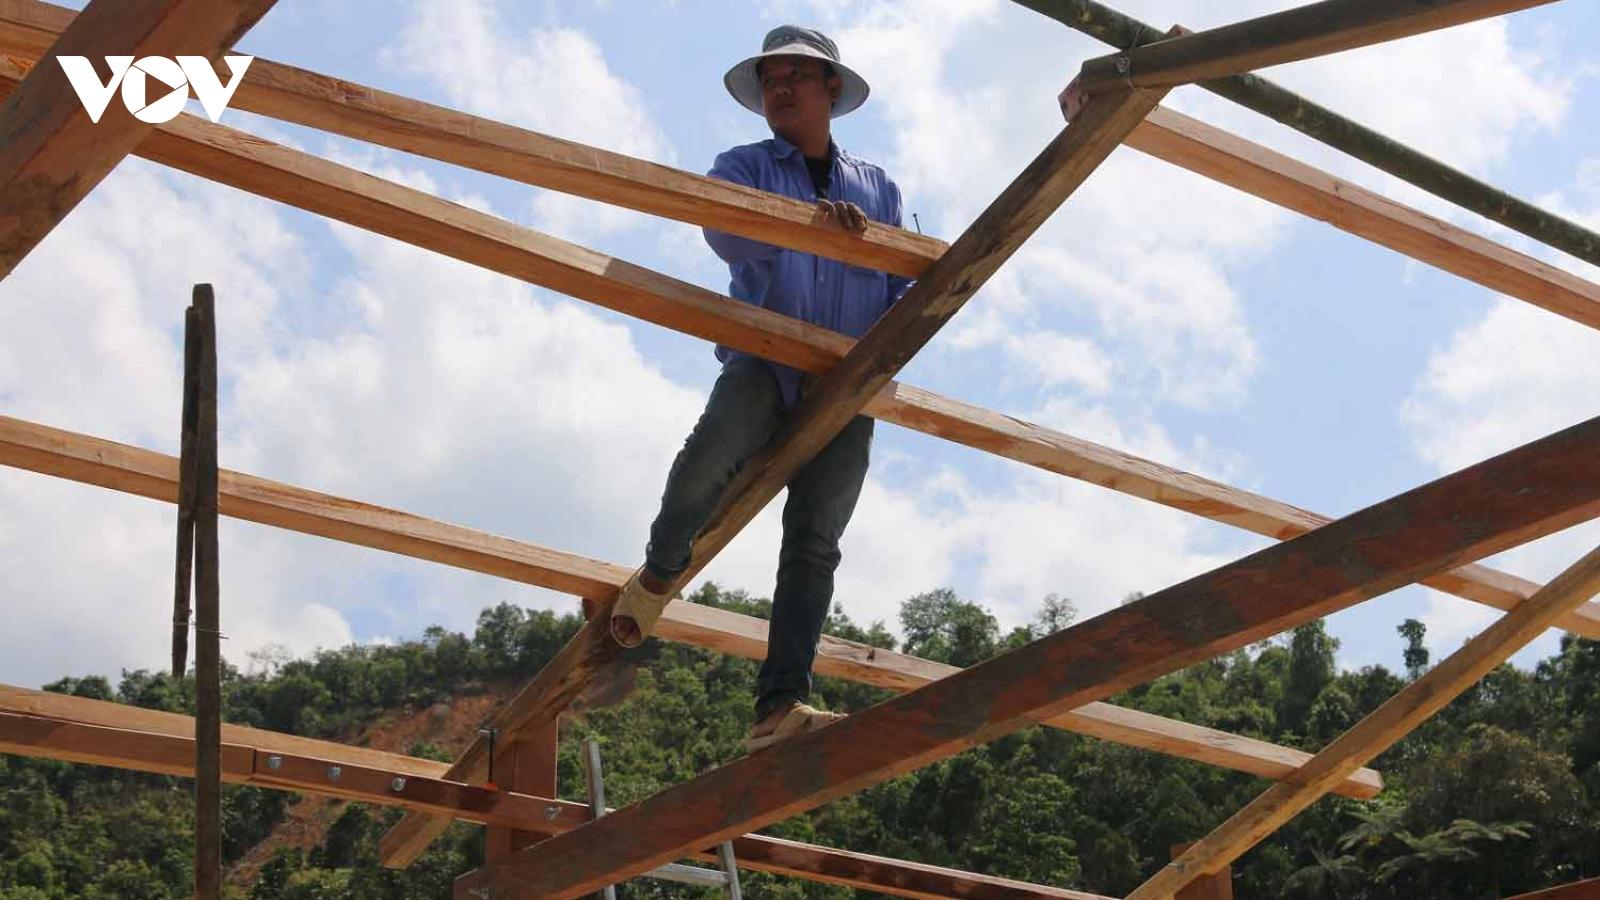 Nỗ lực tái thiết cuộc sống người dân vùng sạt lở Phước Sơn